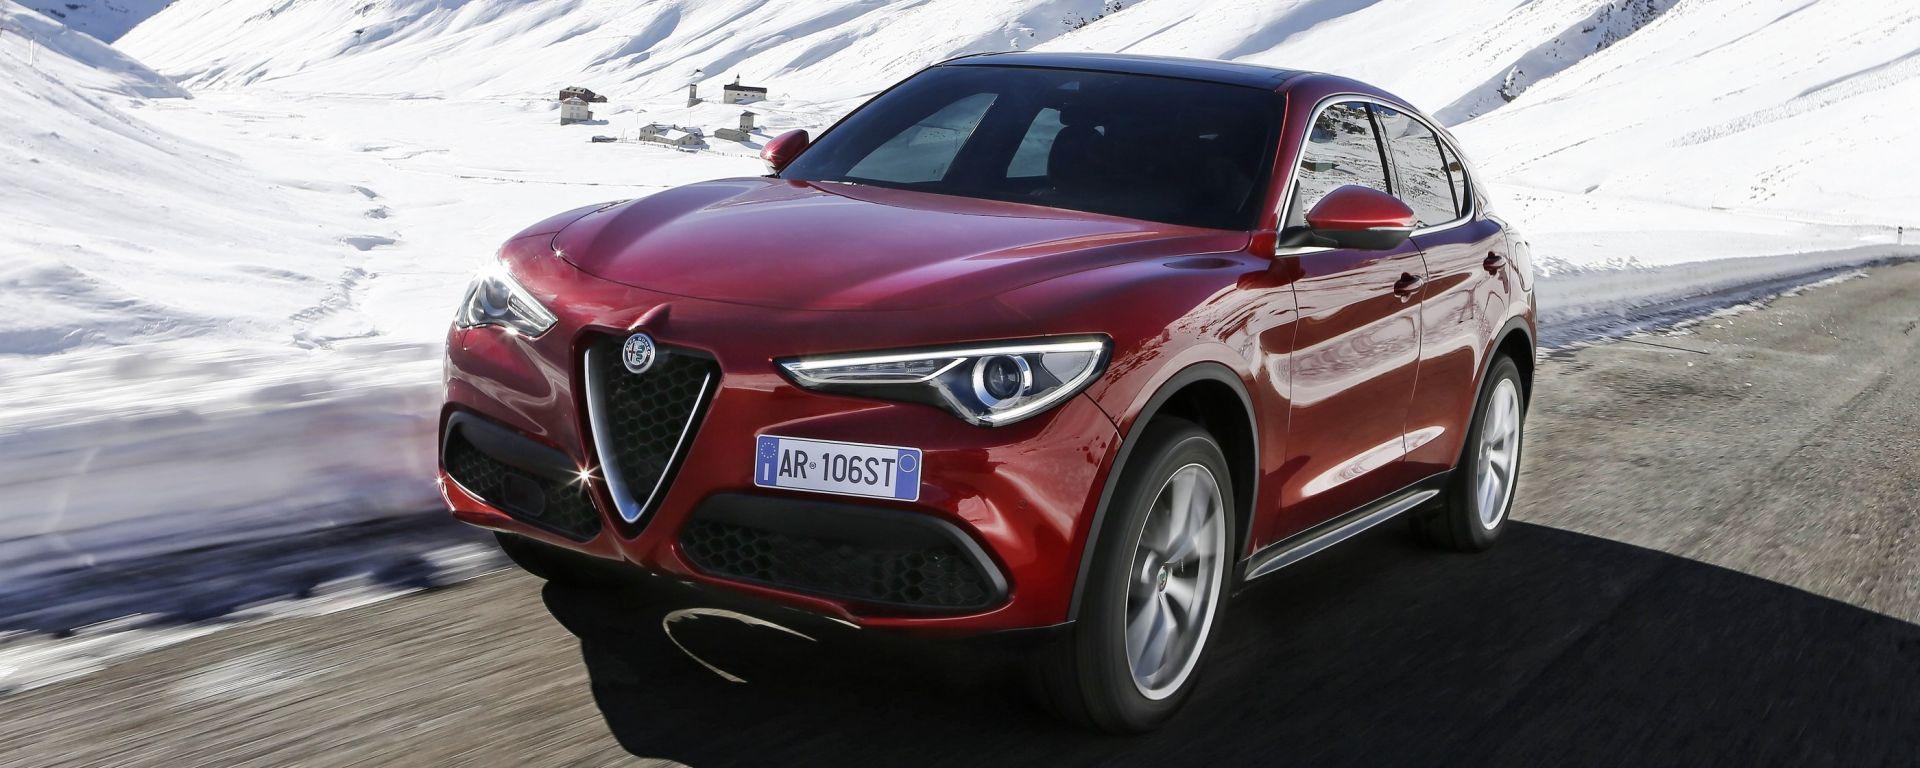 Alfa Romeo Stelvio: prova, dotazioni, prezzi